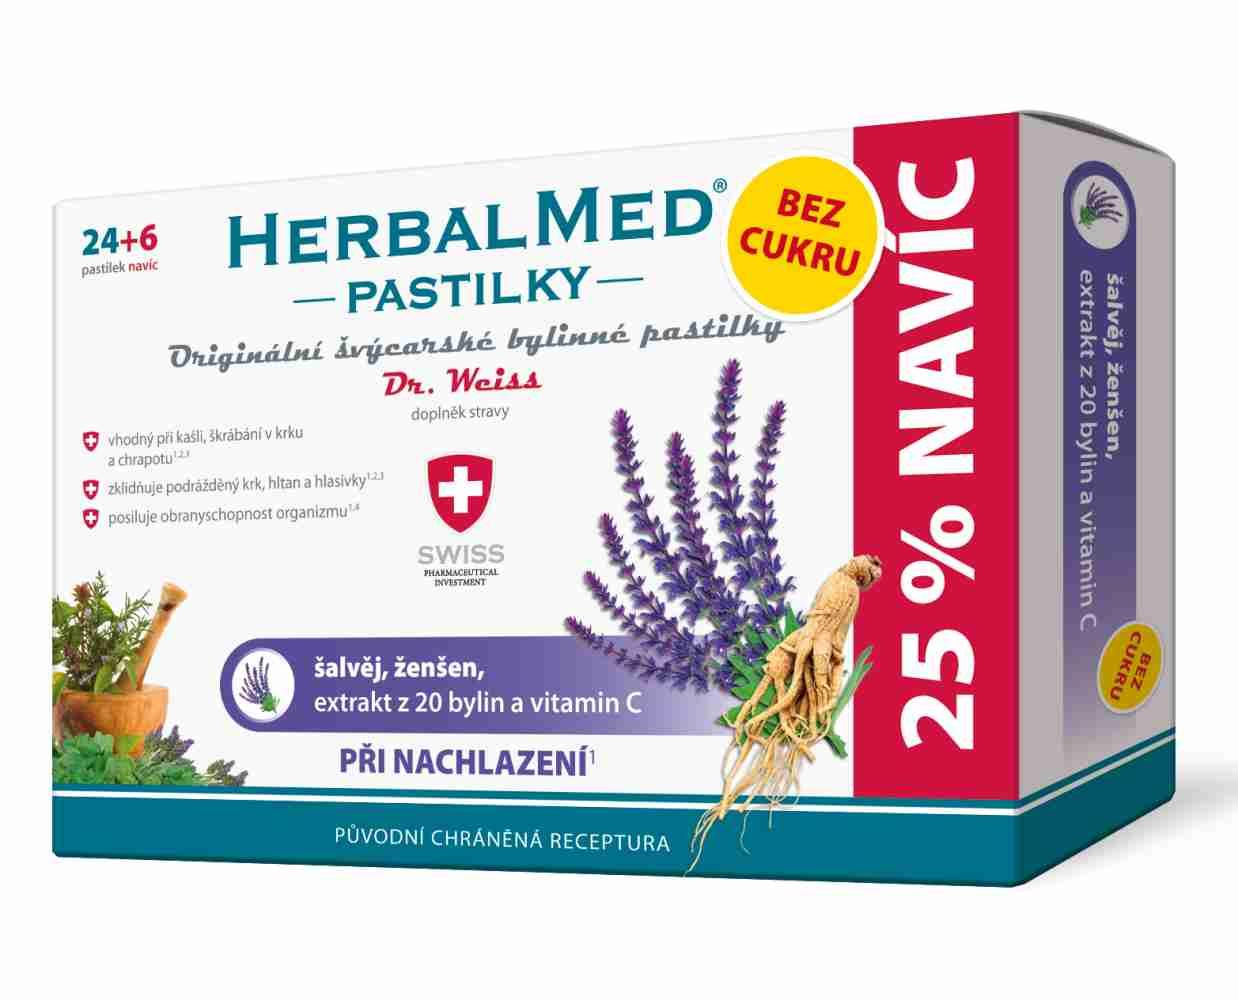 Simply You HerbalMed pastilky Dr. Weiss při nachlazení bez cukru 24 pastilek + 6 pastilek